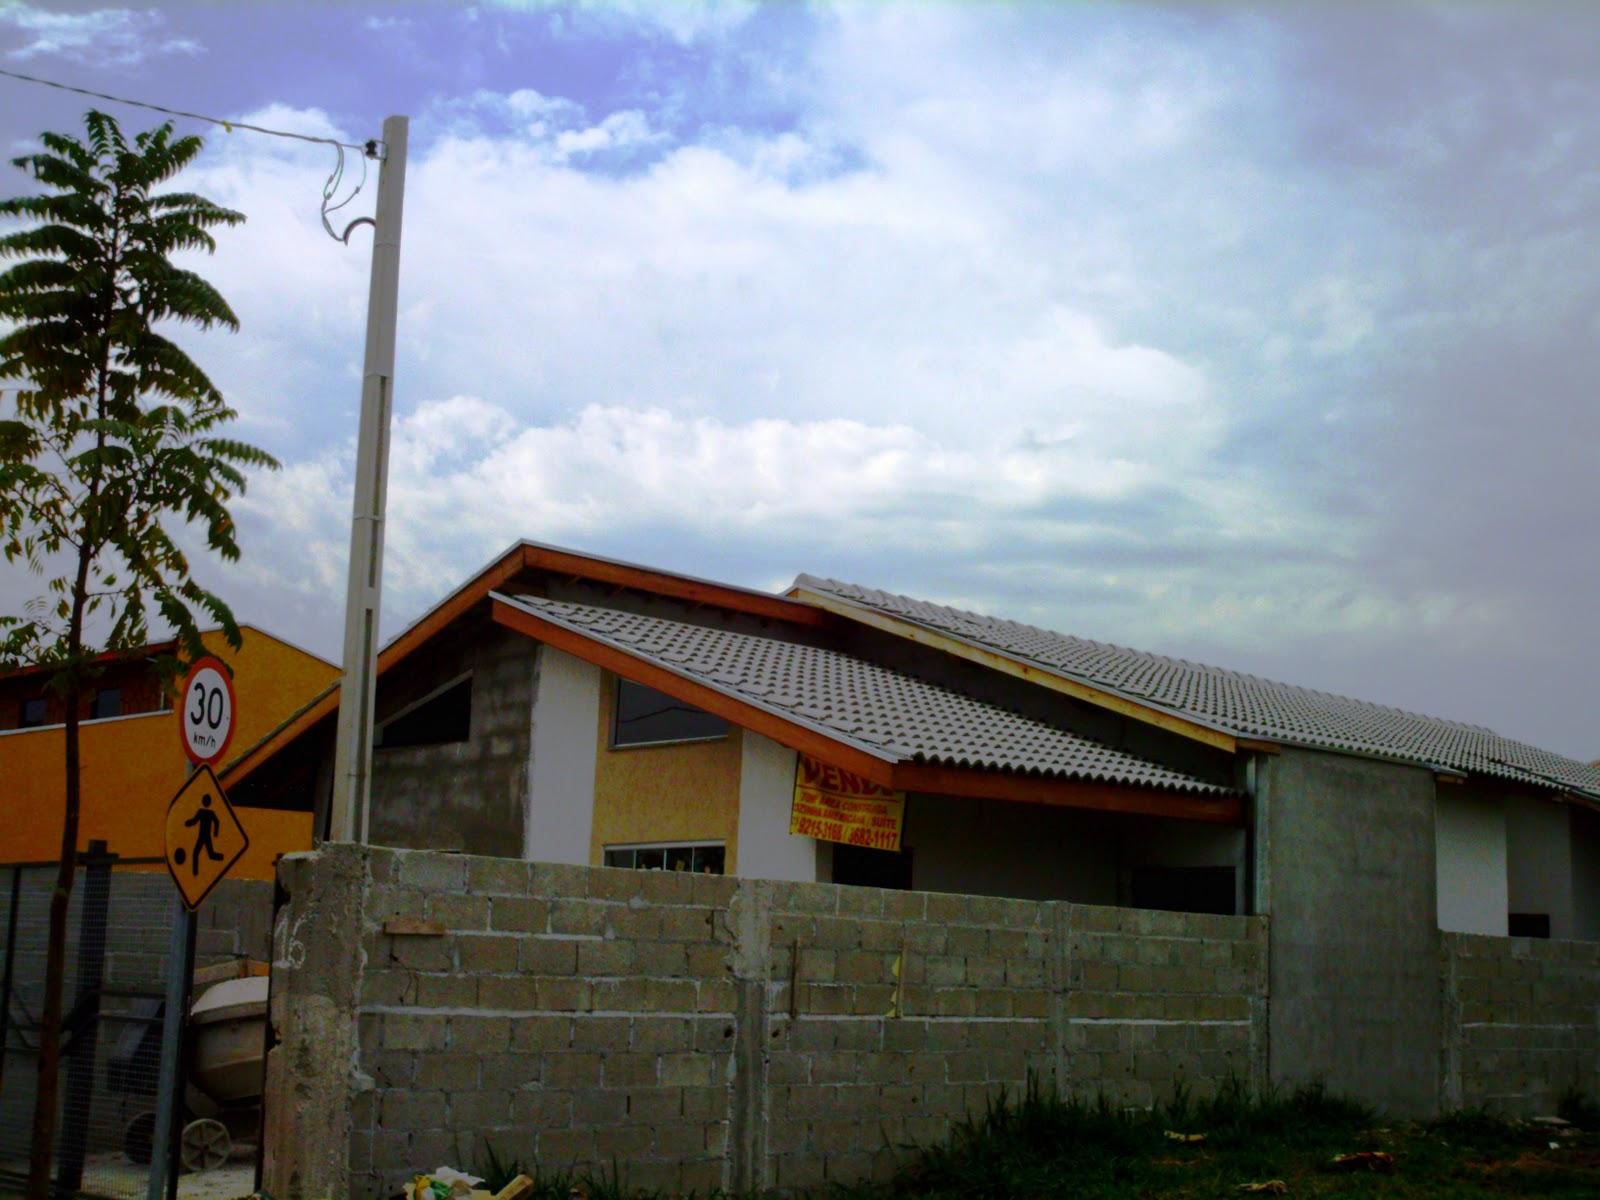 #67390E Construtora CECONI: Empreendimento Casa San Marino Taubaté SP 3252 Janelas De Madeira Em Taubaté